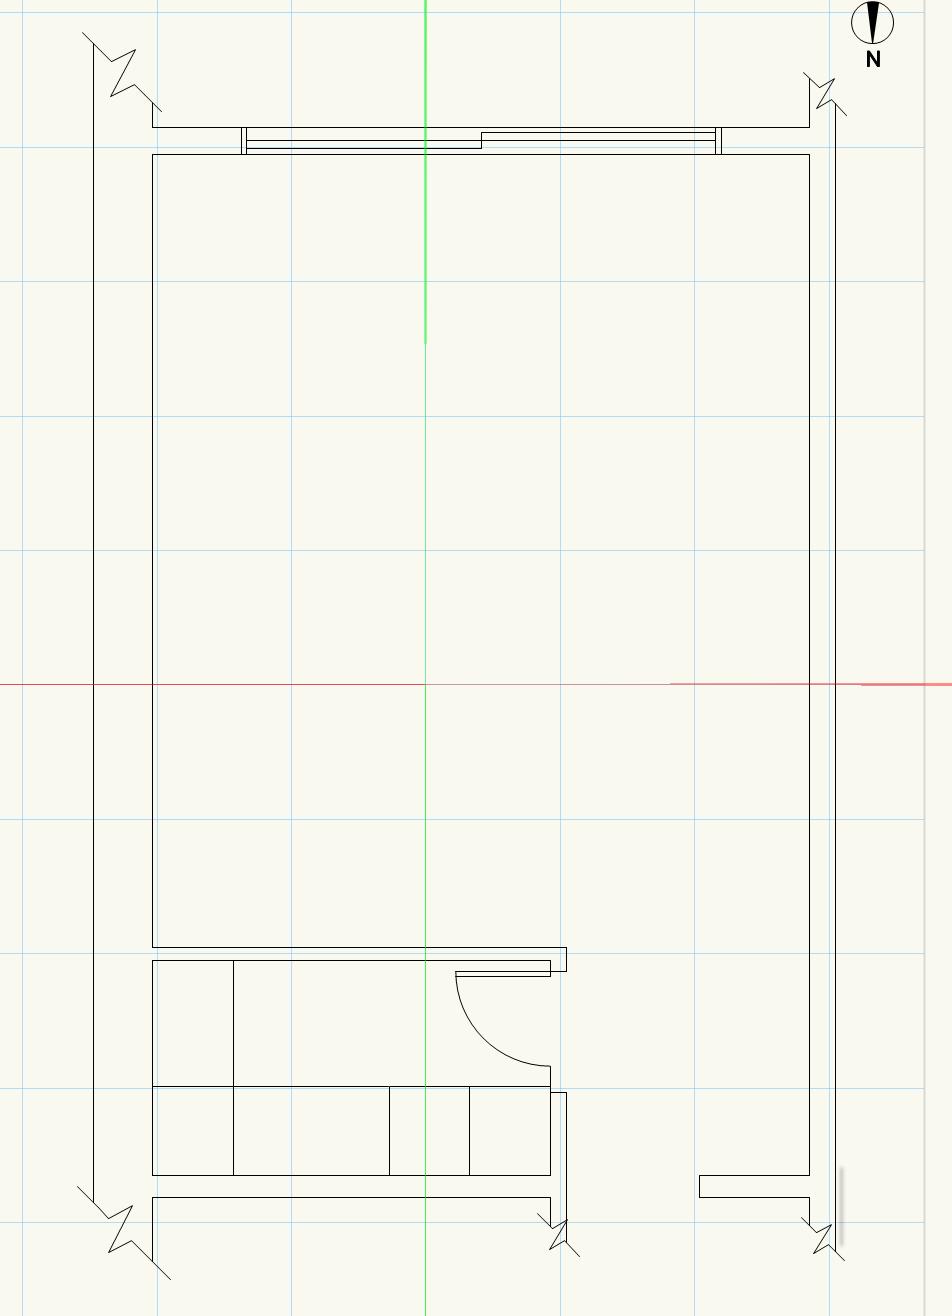 floor plan 2D.PNG